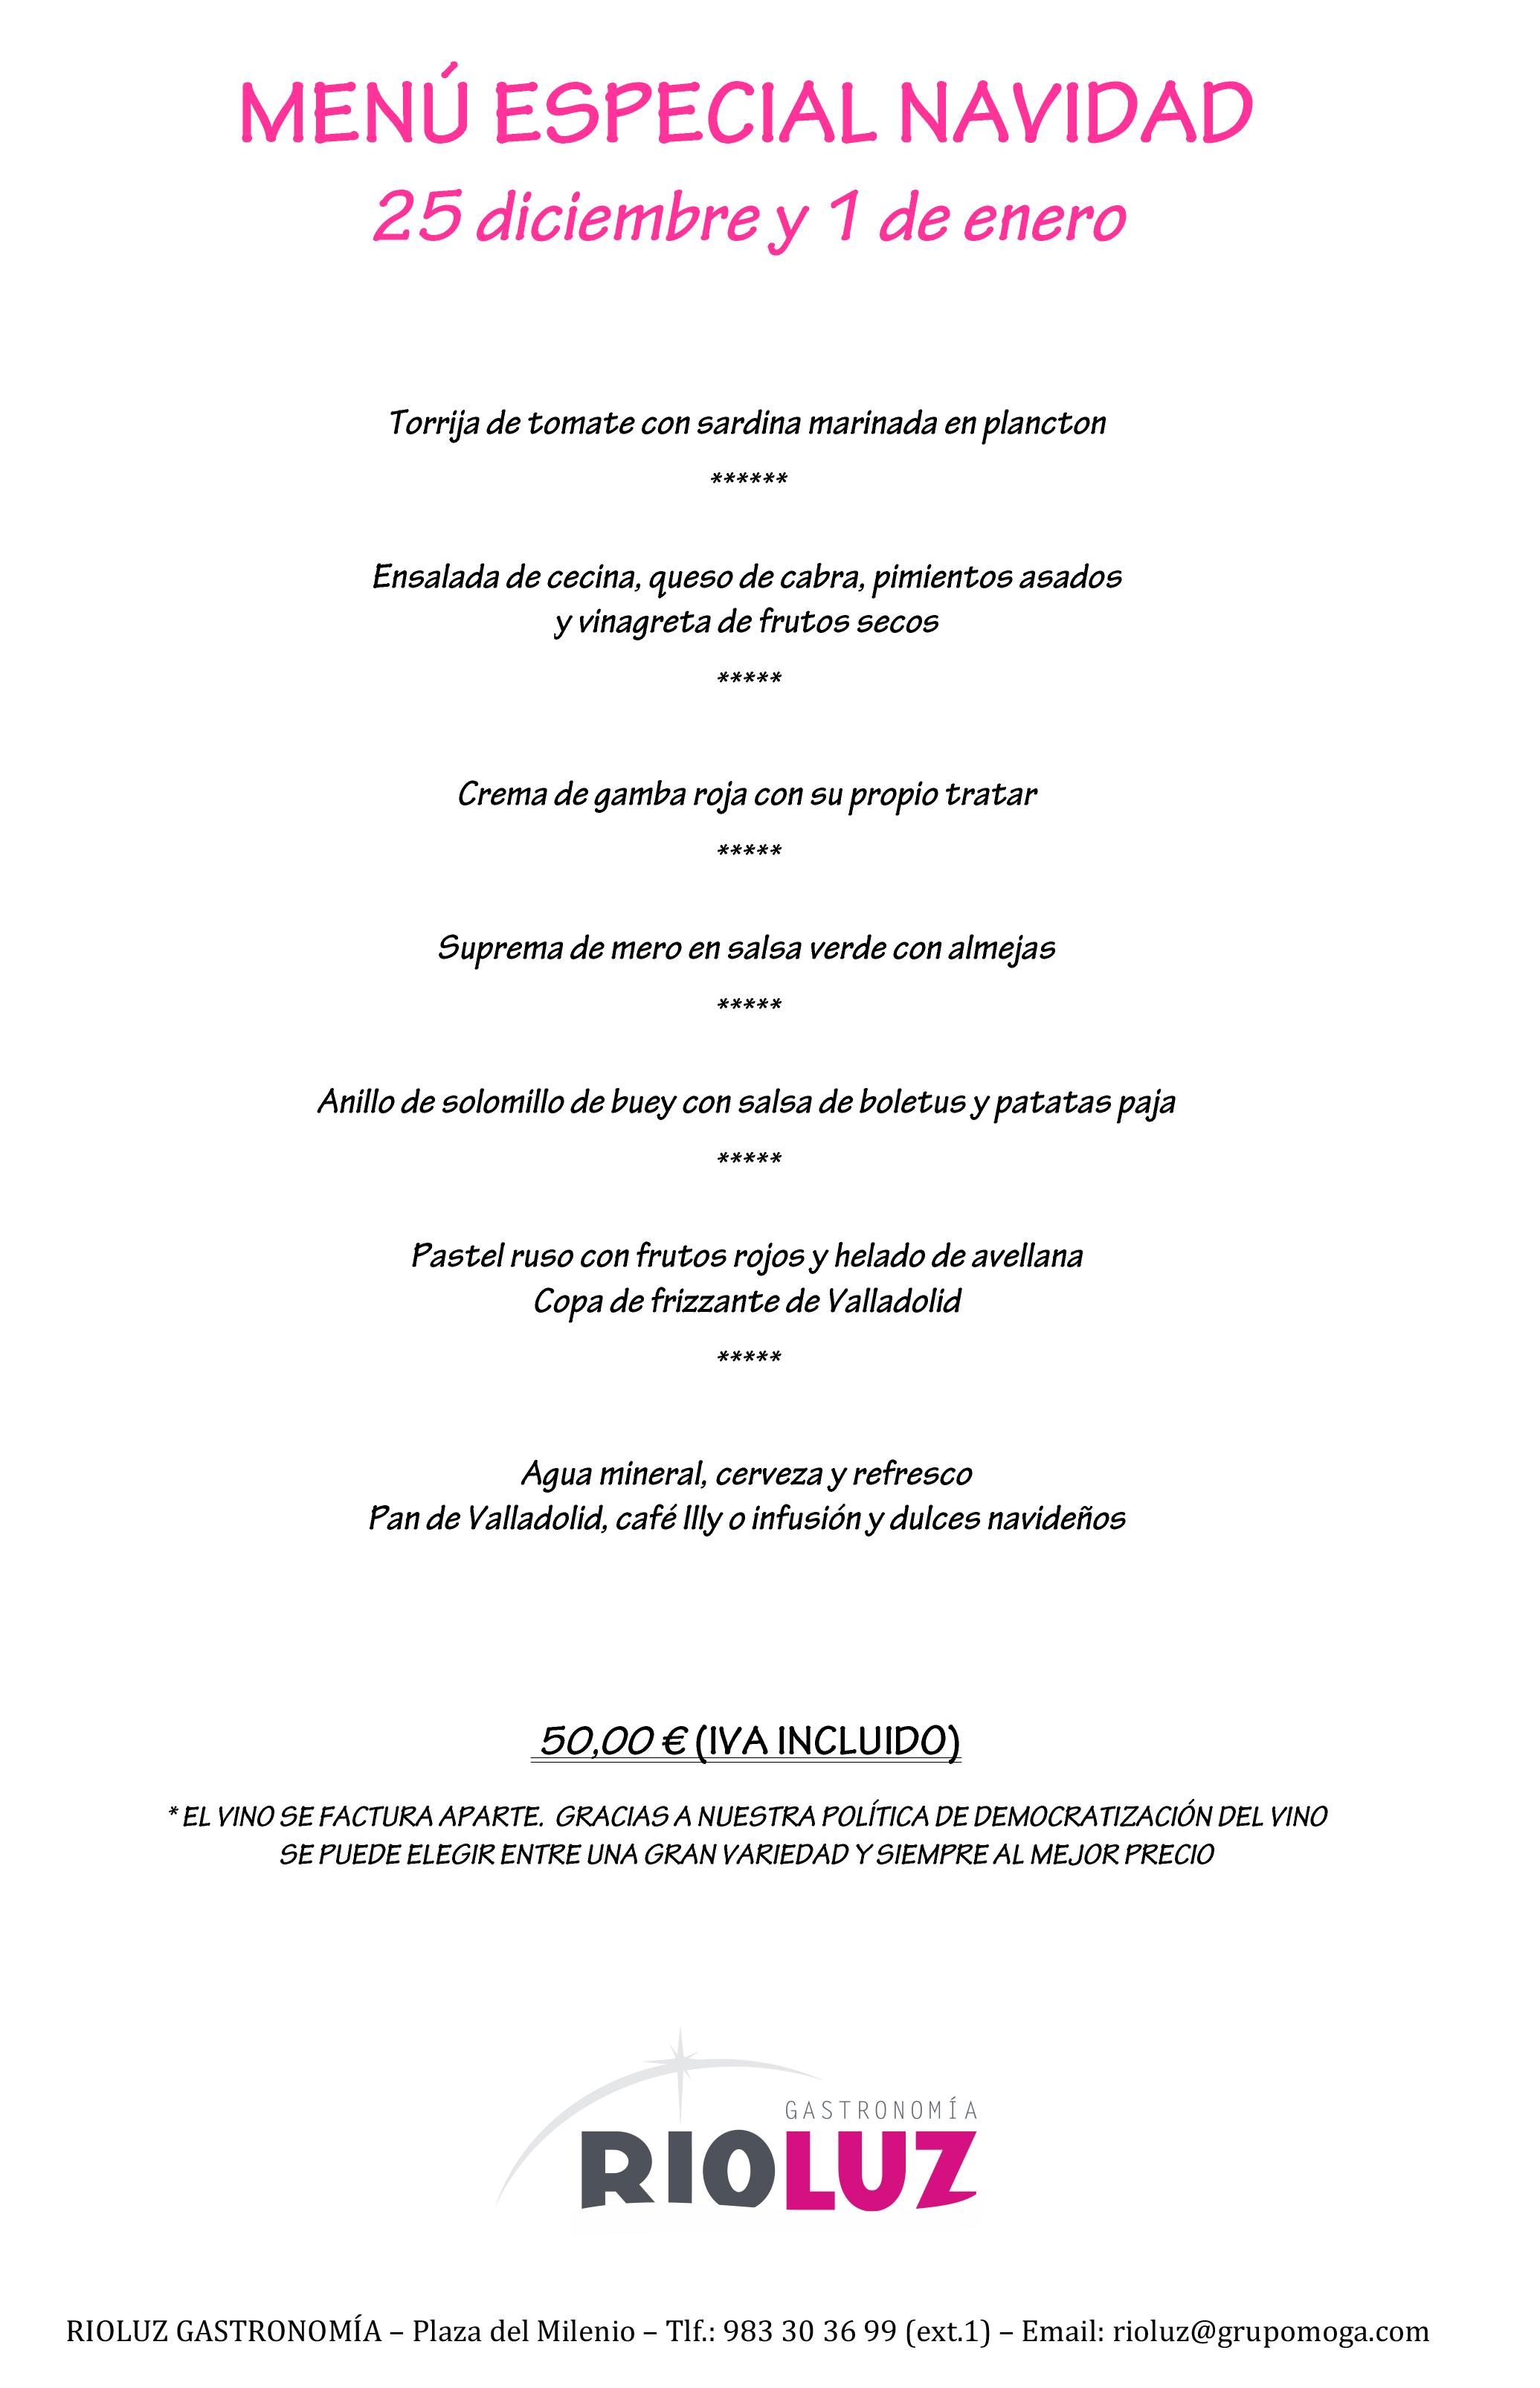 menu-navidad-y-ano-nuevo-rioluz